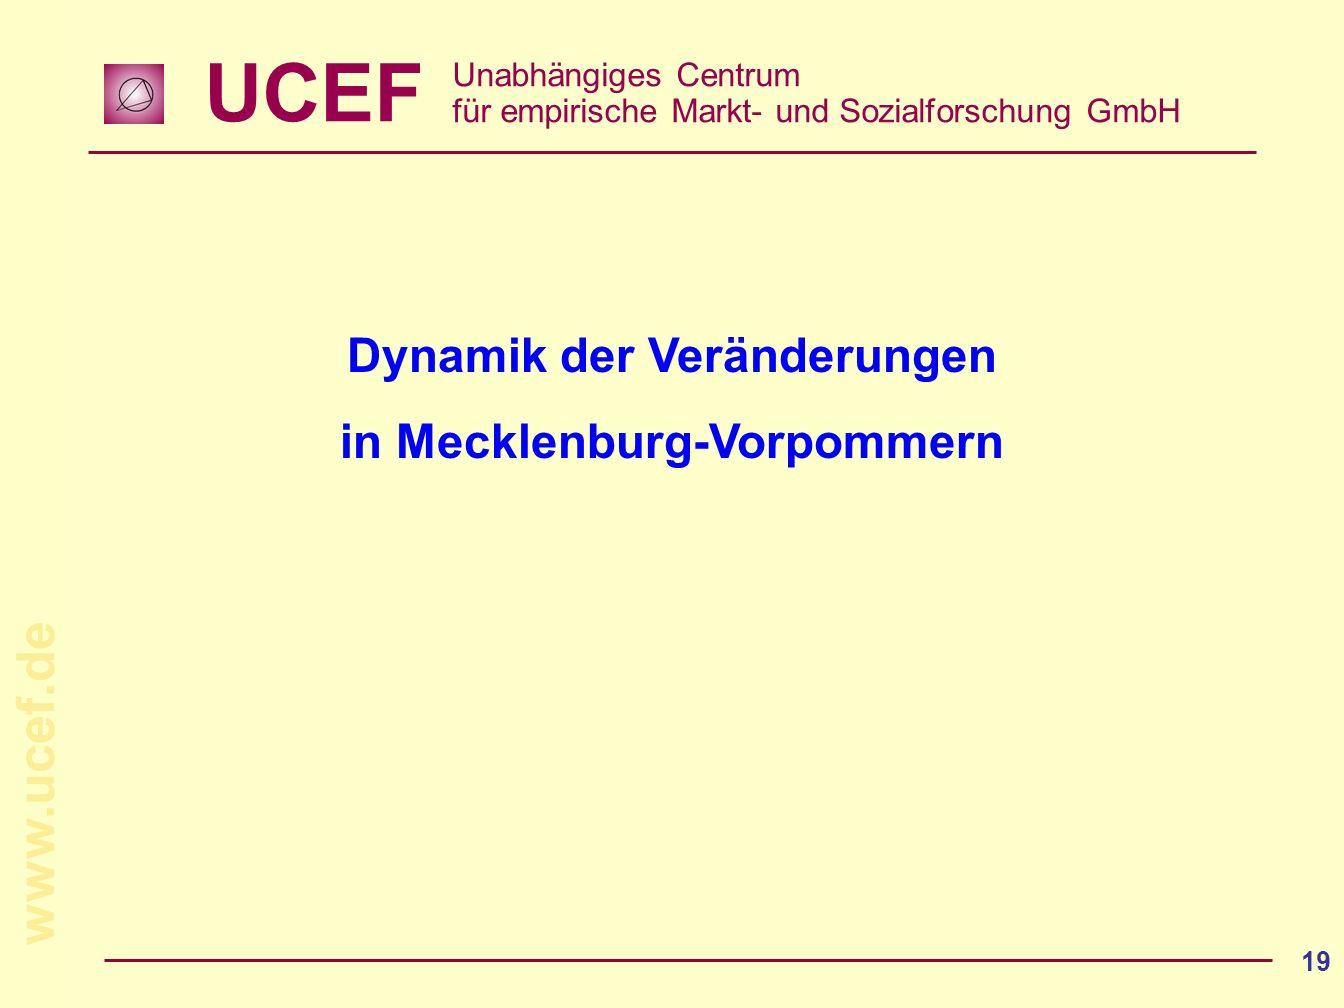 UCEF Unabhängiges Centrum für empirische Markt- und Sozialforschung GmbH www.ucef.de 19 Dynamik der Veränderungen in Mecklenburg-Vorpommern